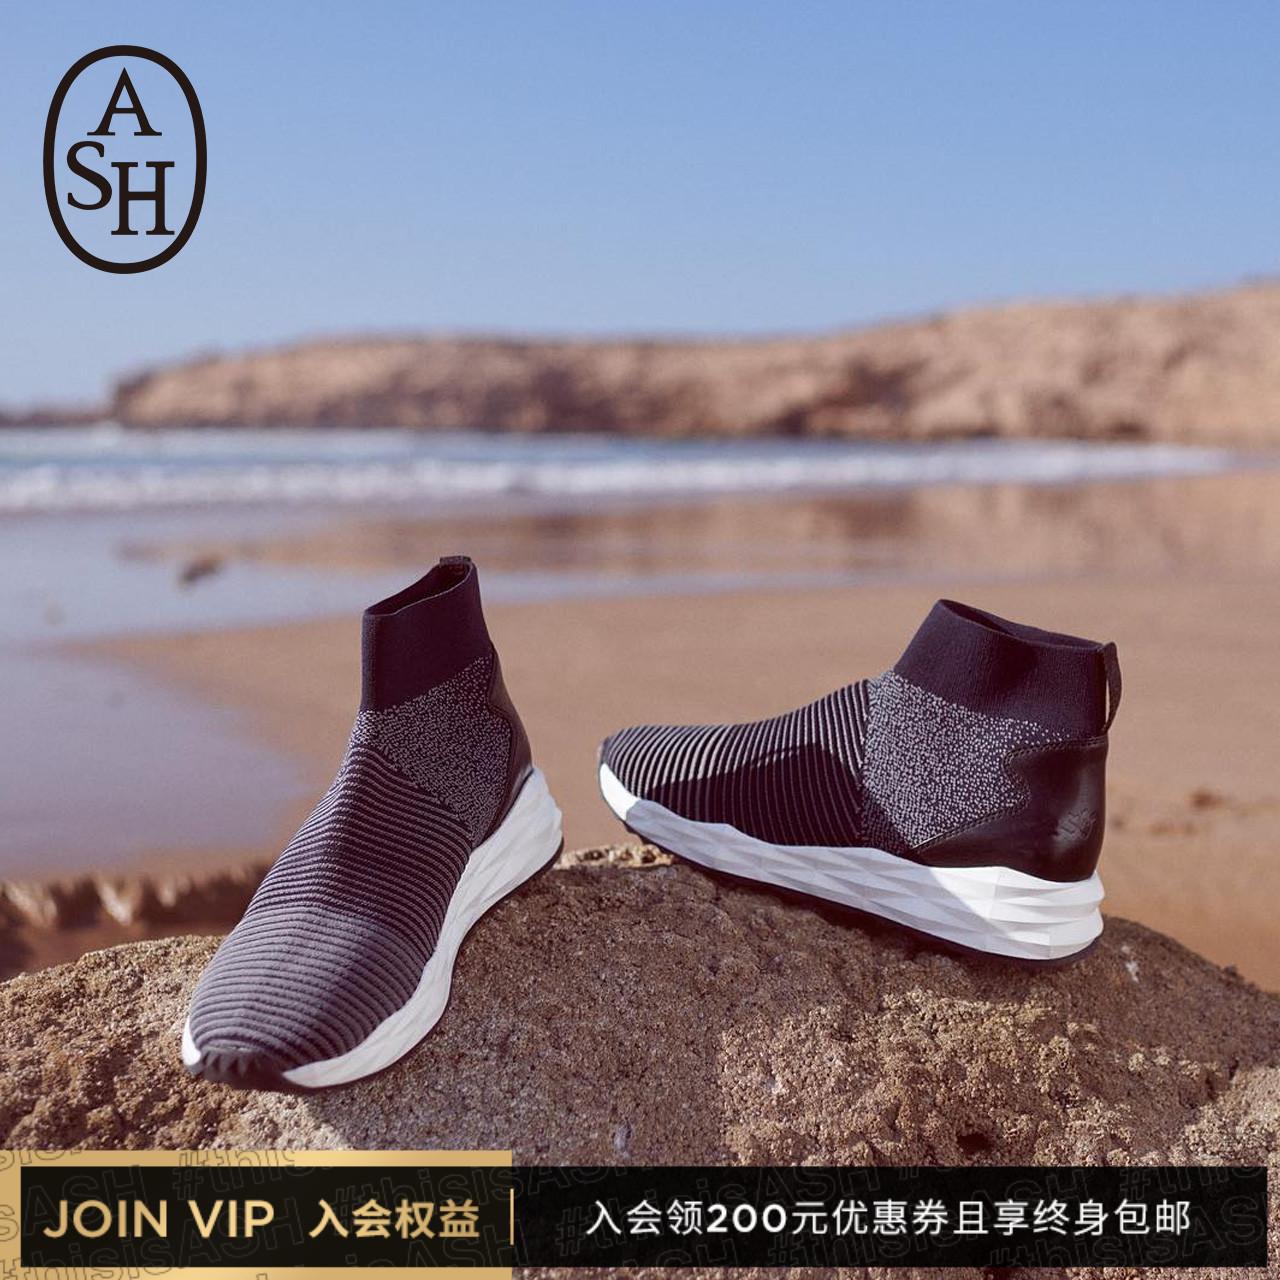 ASH xuân mới SPOT series vớ dệt kim hai màu, giày thường tăng giày thể thao cao cấp nhẹ - Giày cao gót